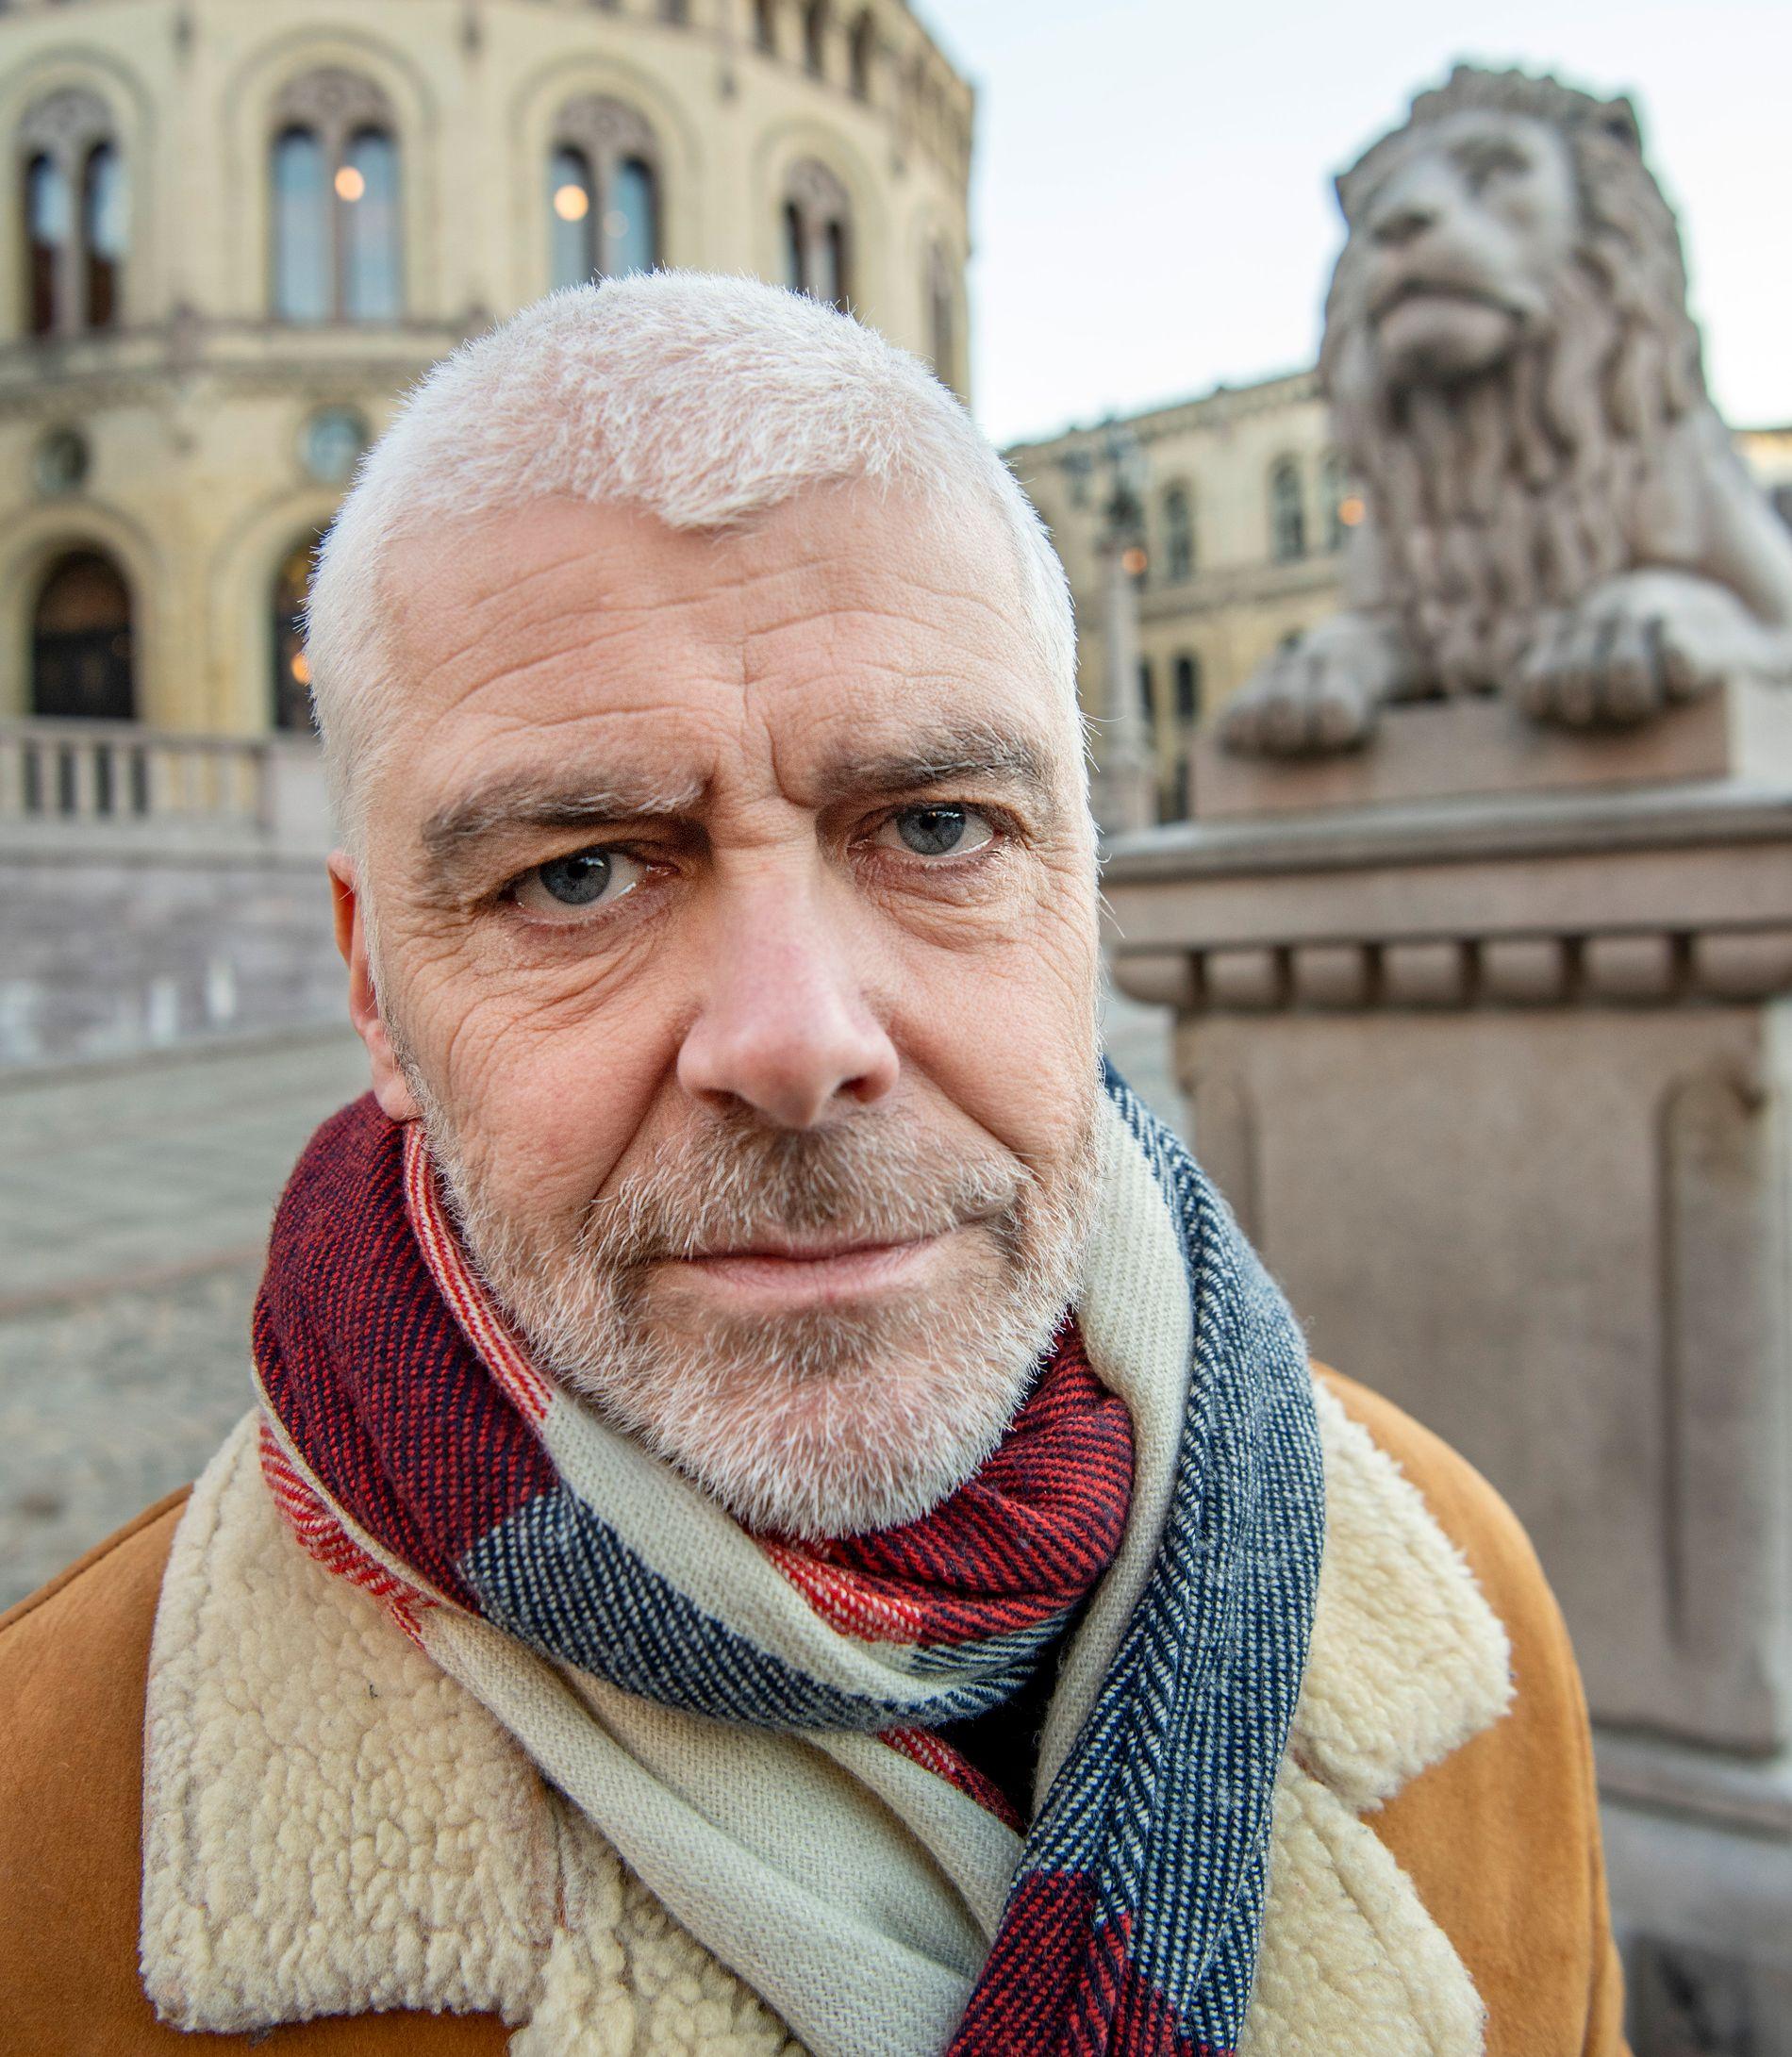 KRITISERER REGJERINGEN: Justispolitisk talsperson Petter Eide (SV) and Stortingets justiskomité.